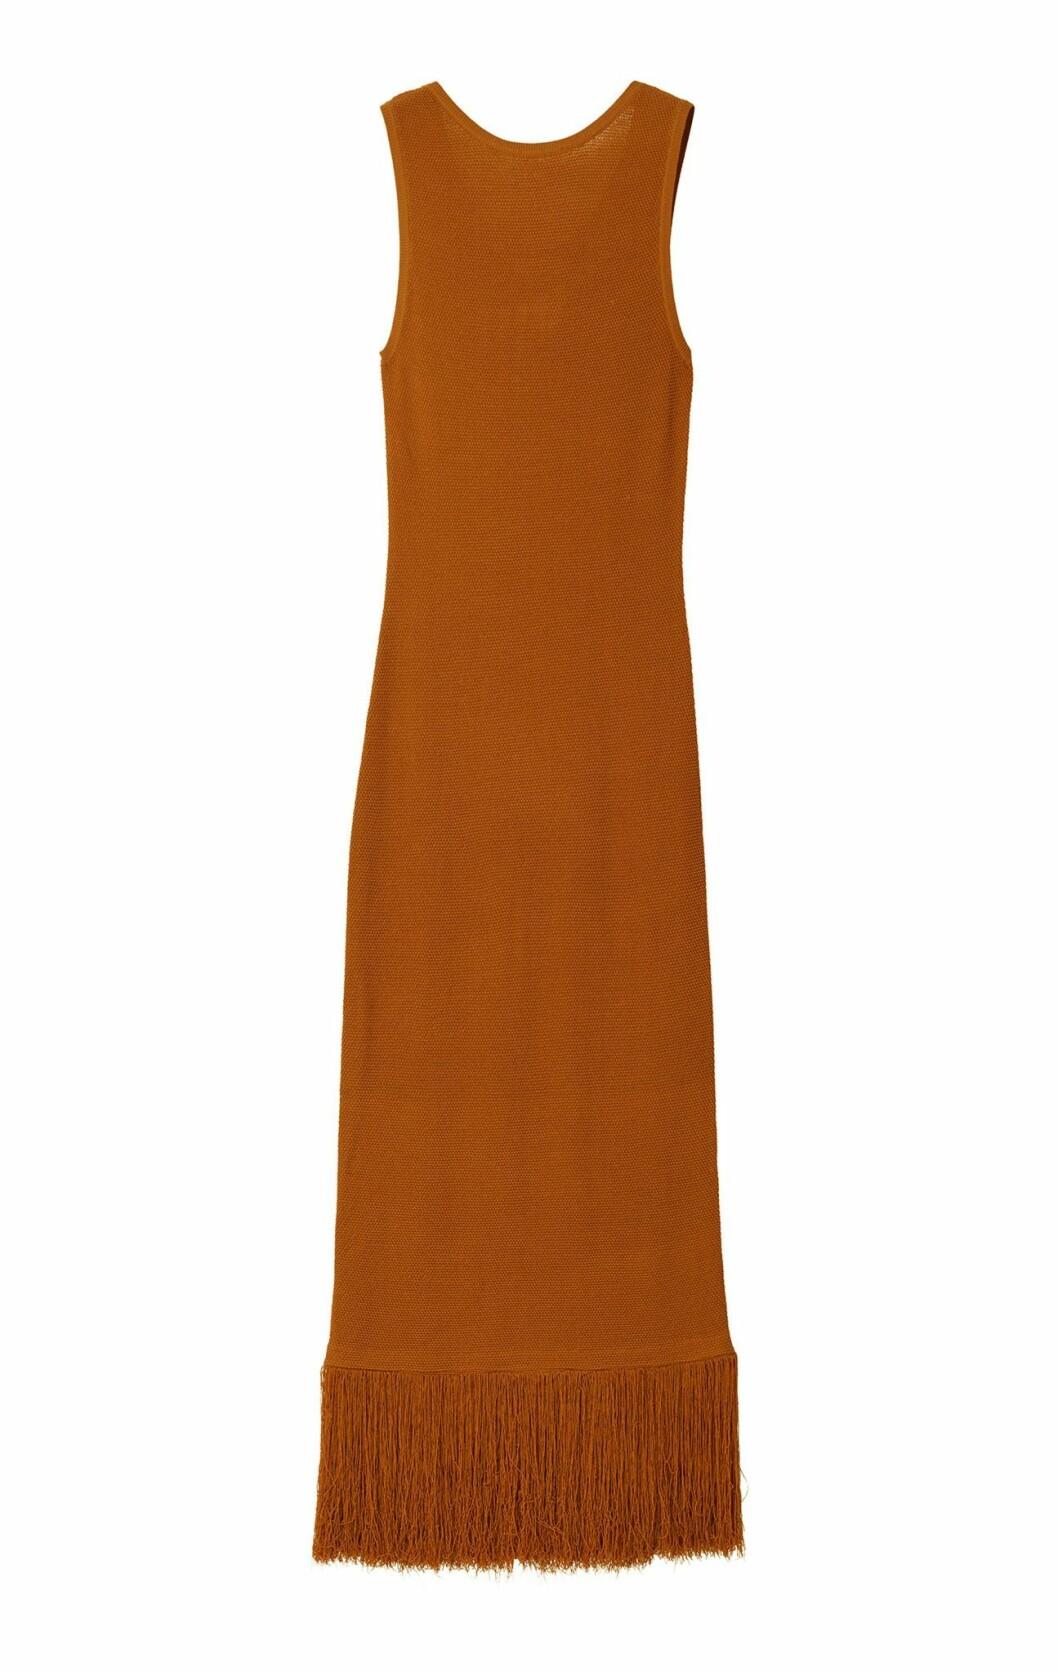 Rodebjer Ettahra dress